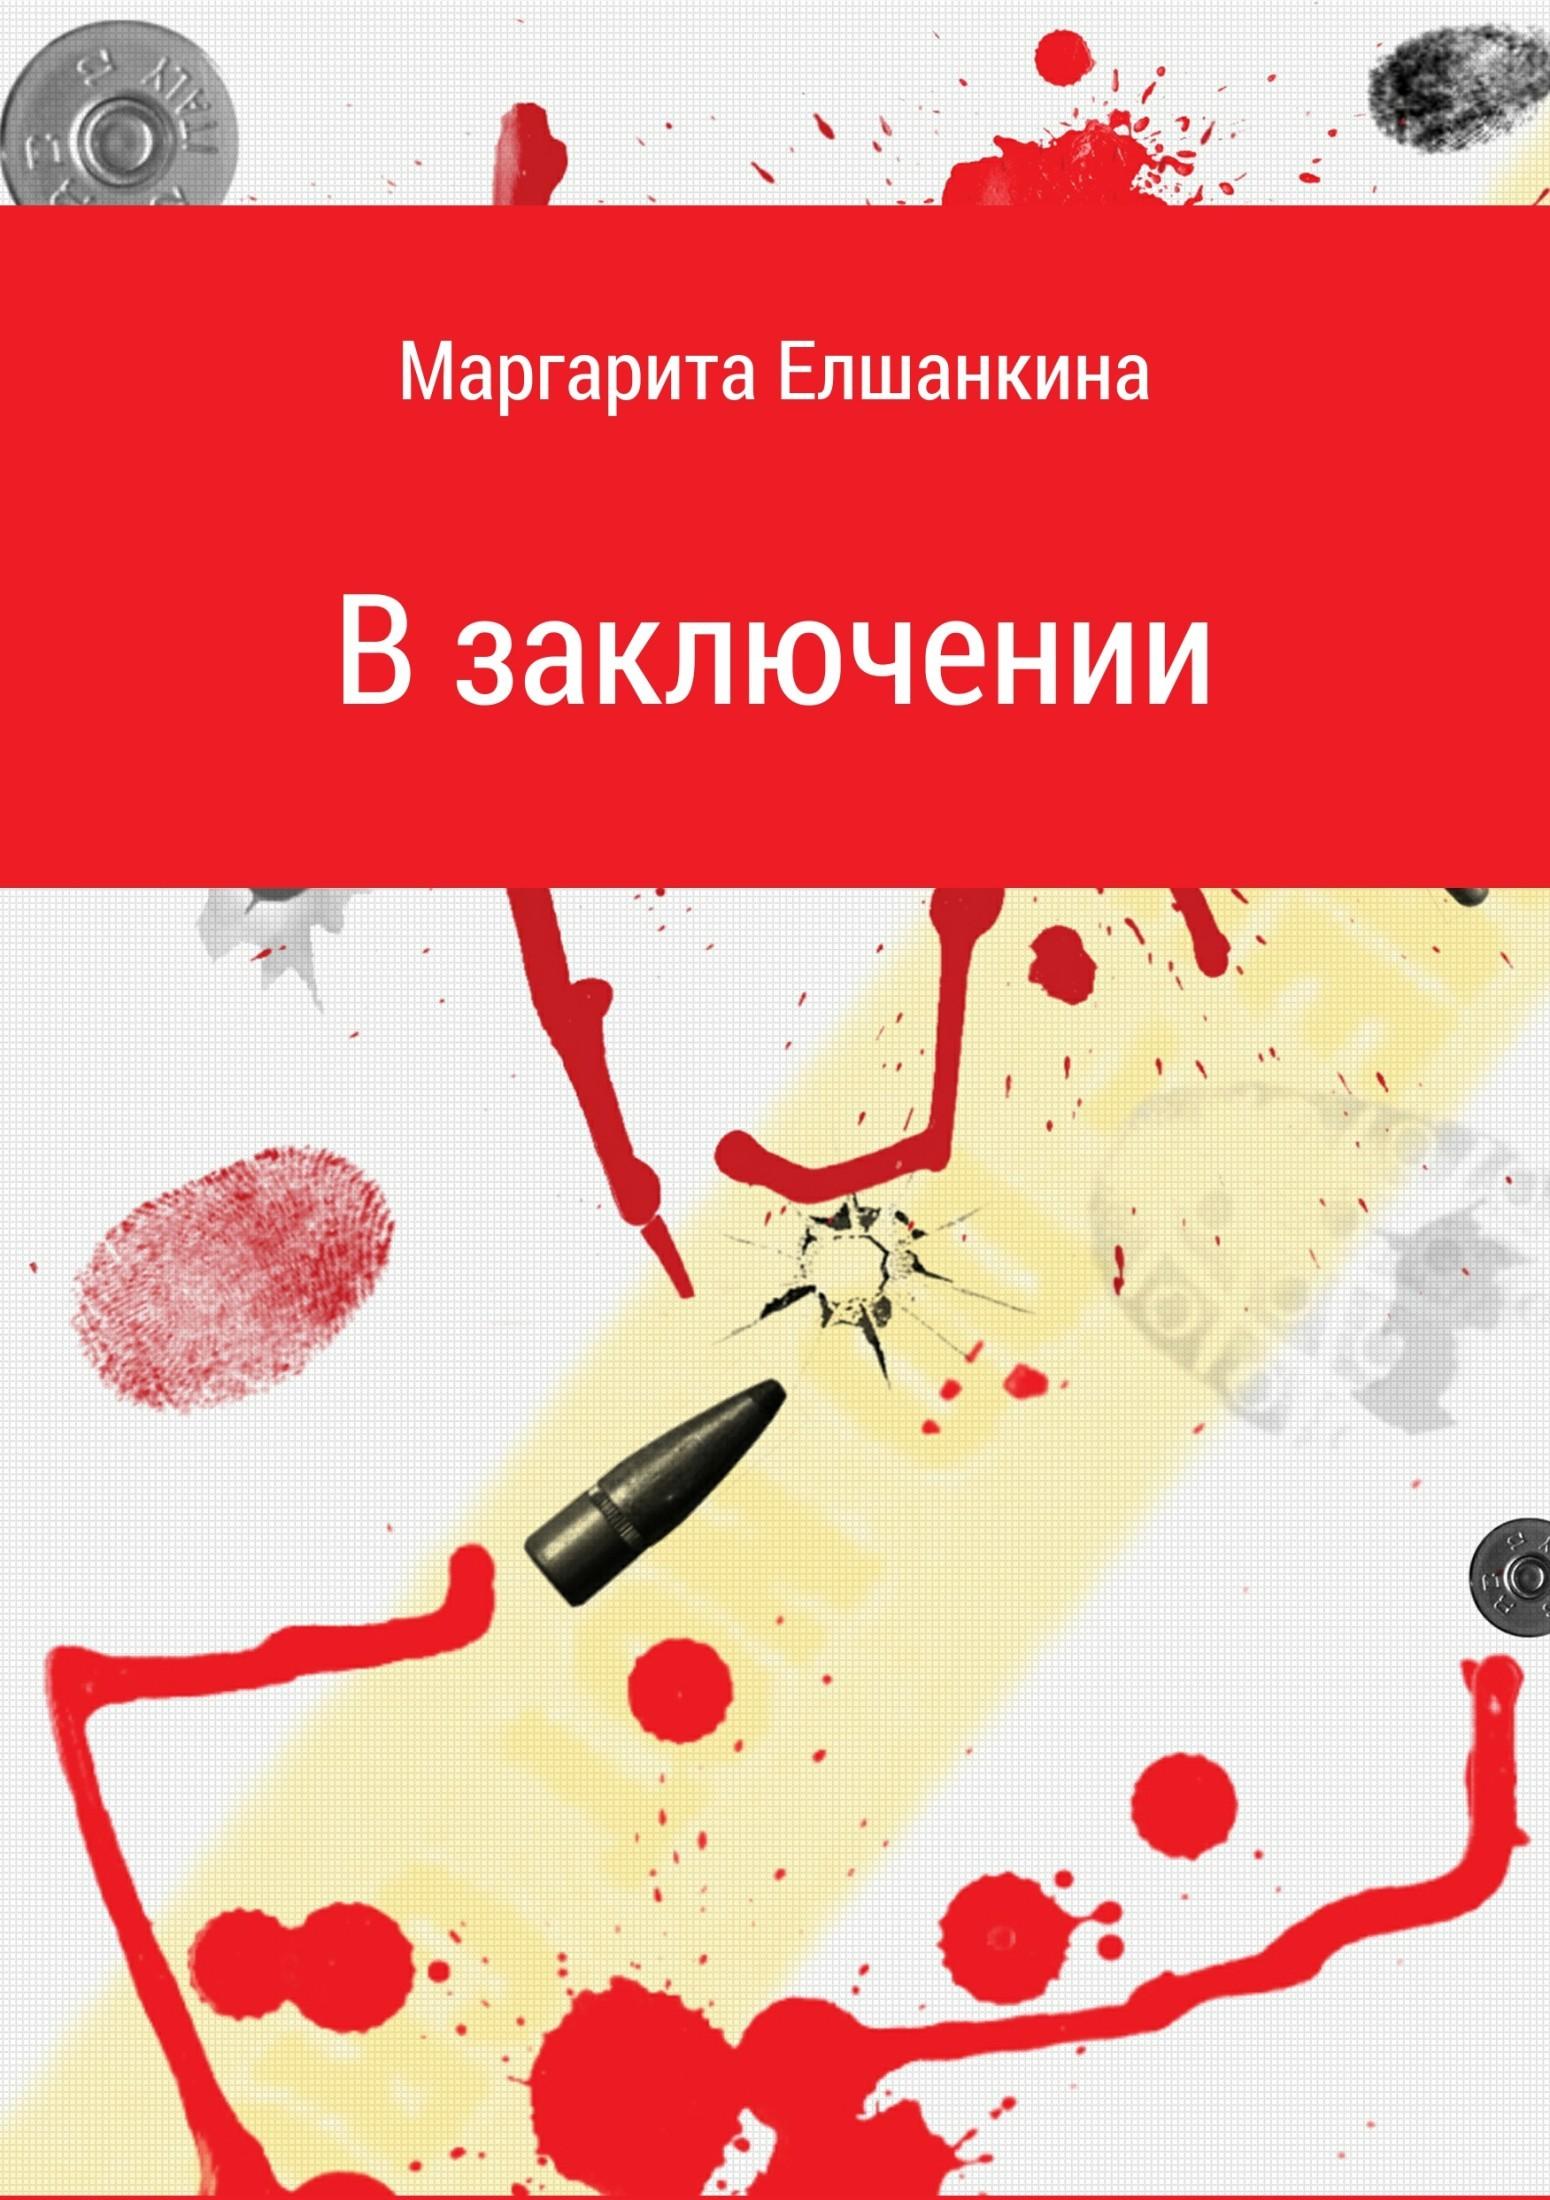 Маргарита Вадимовна Елшанкина. В заключении